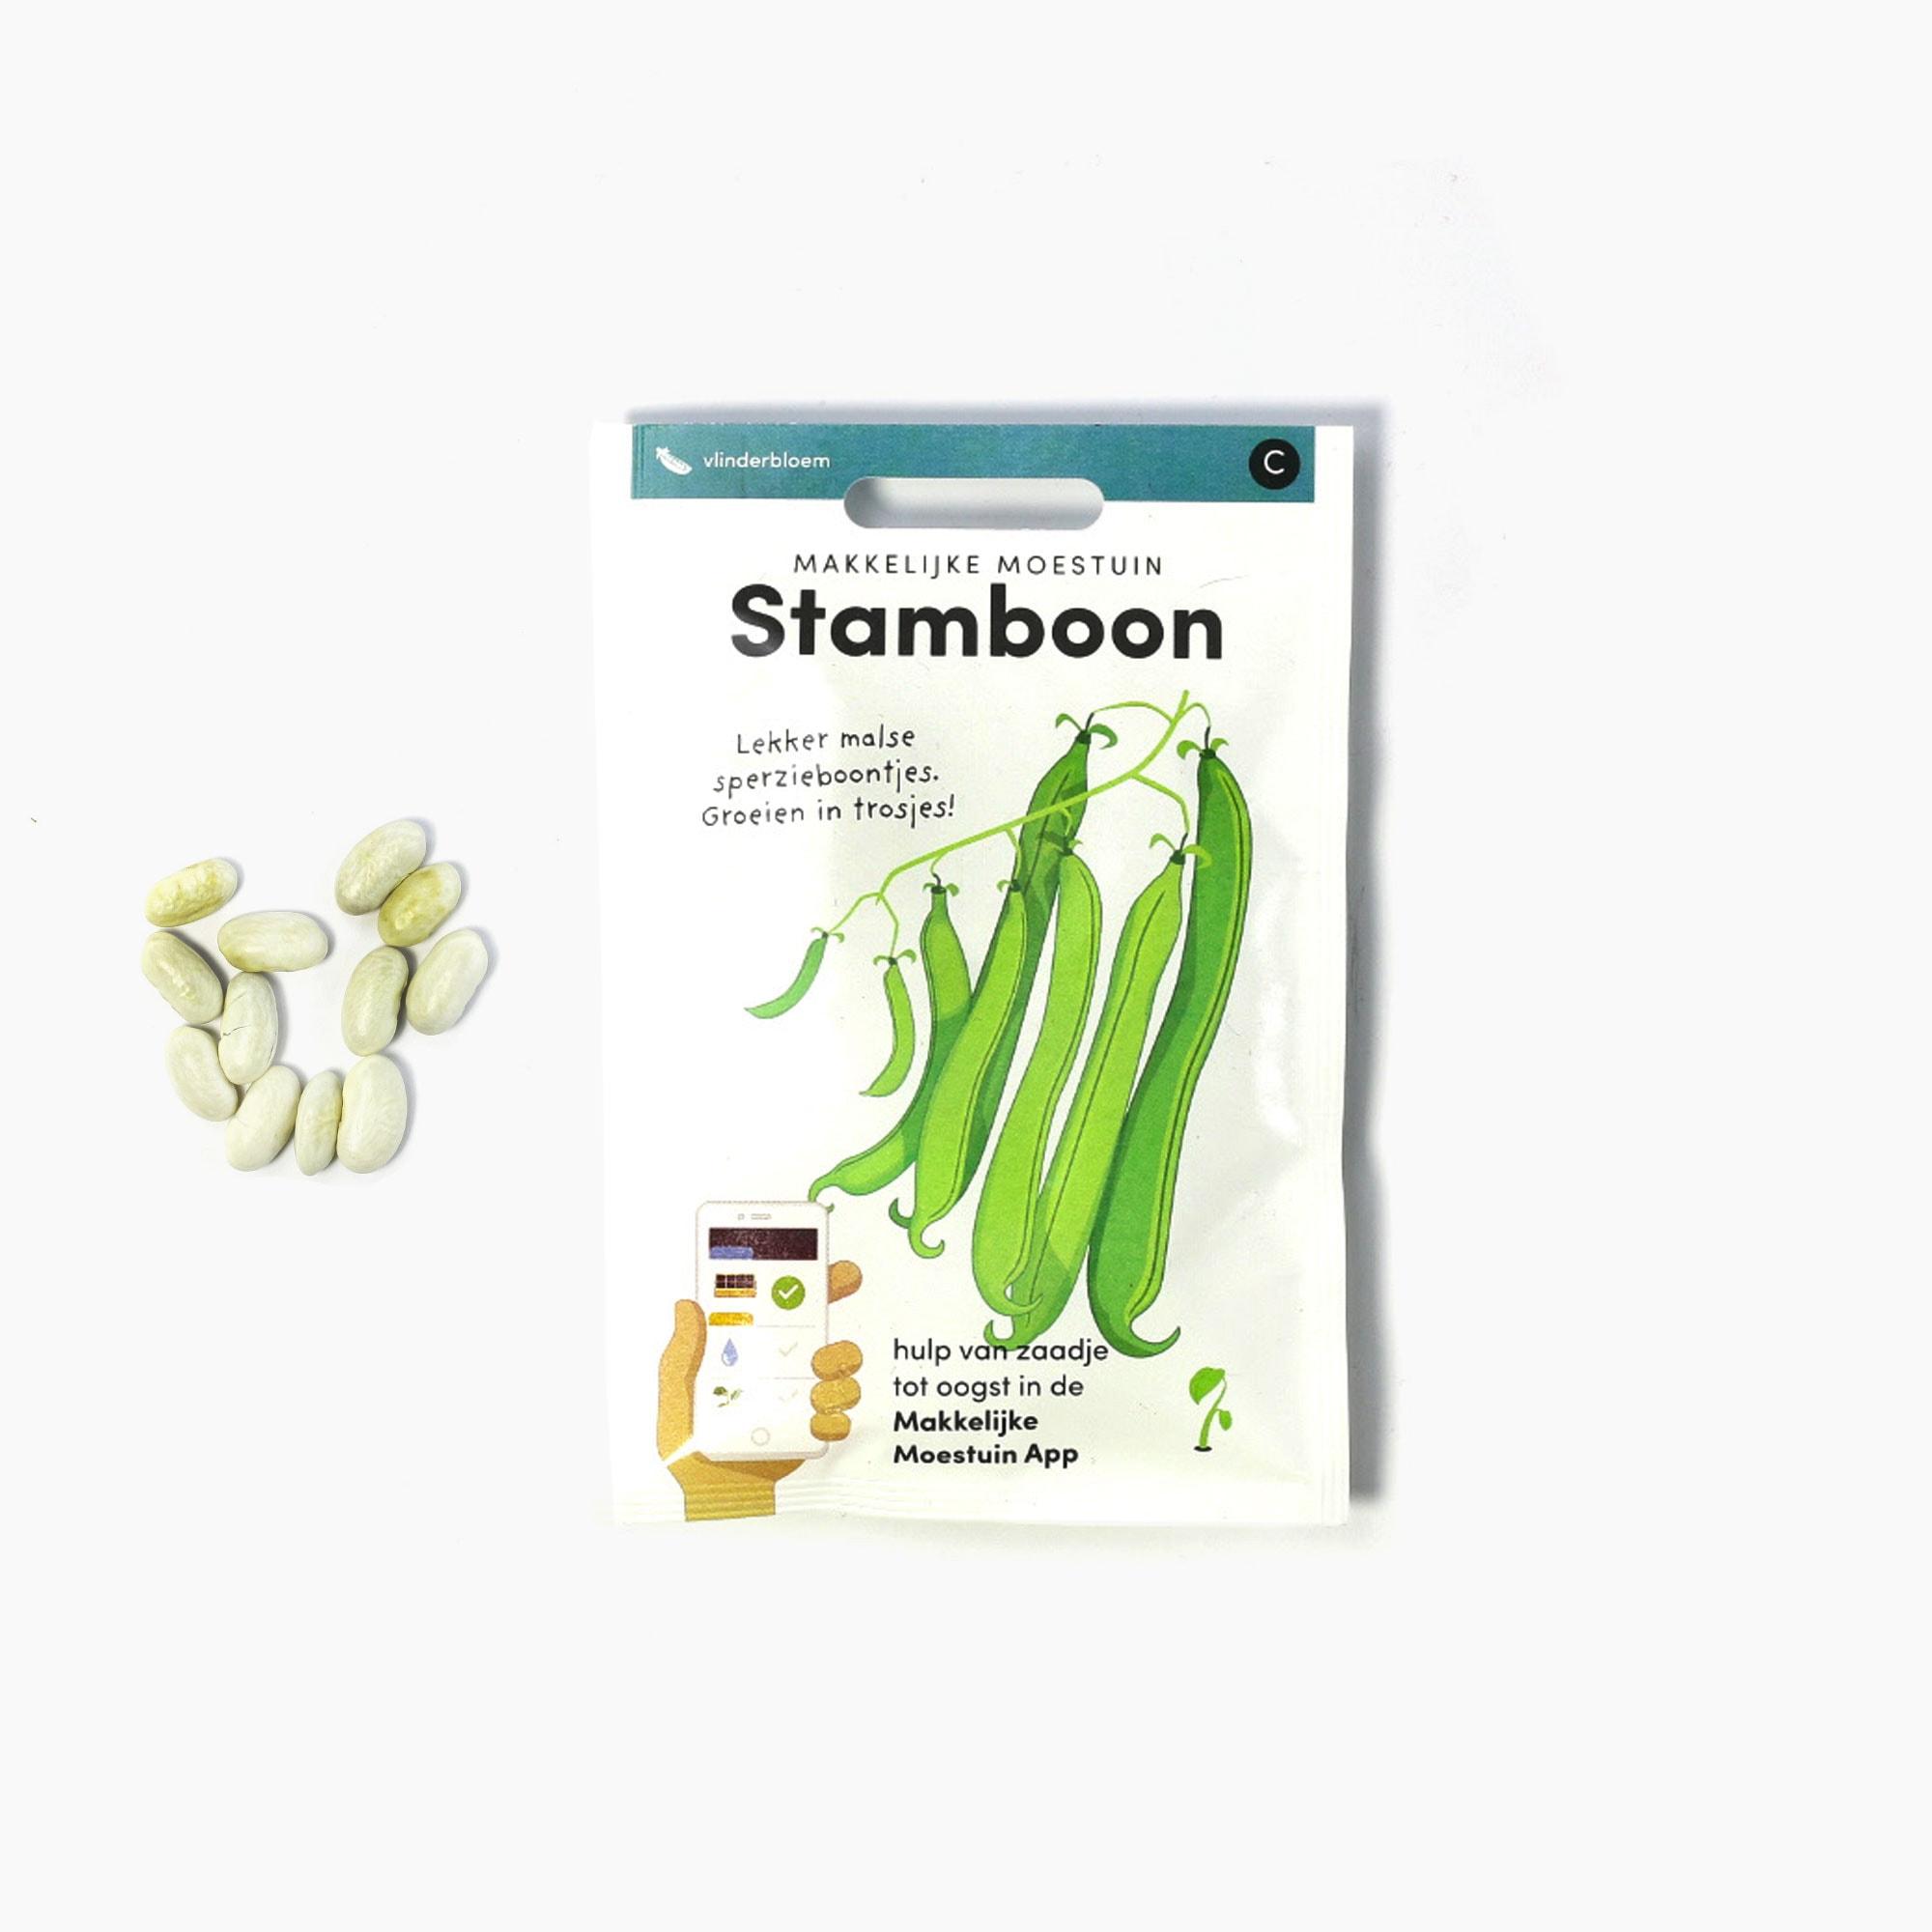 Stamboon.jpg